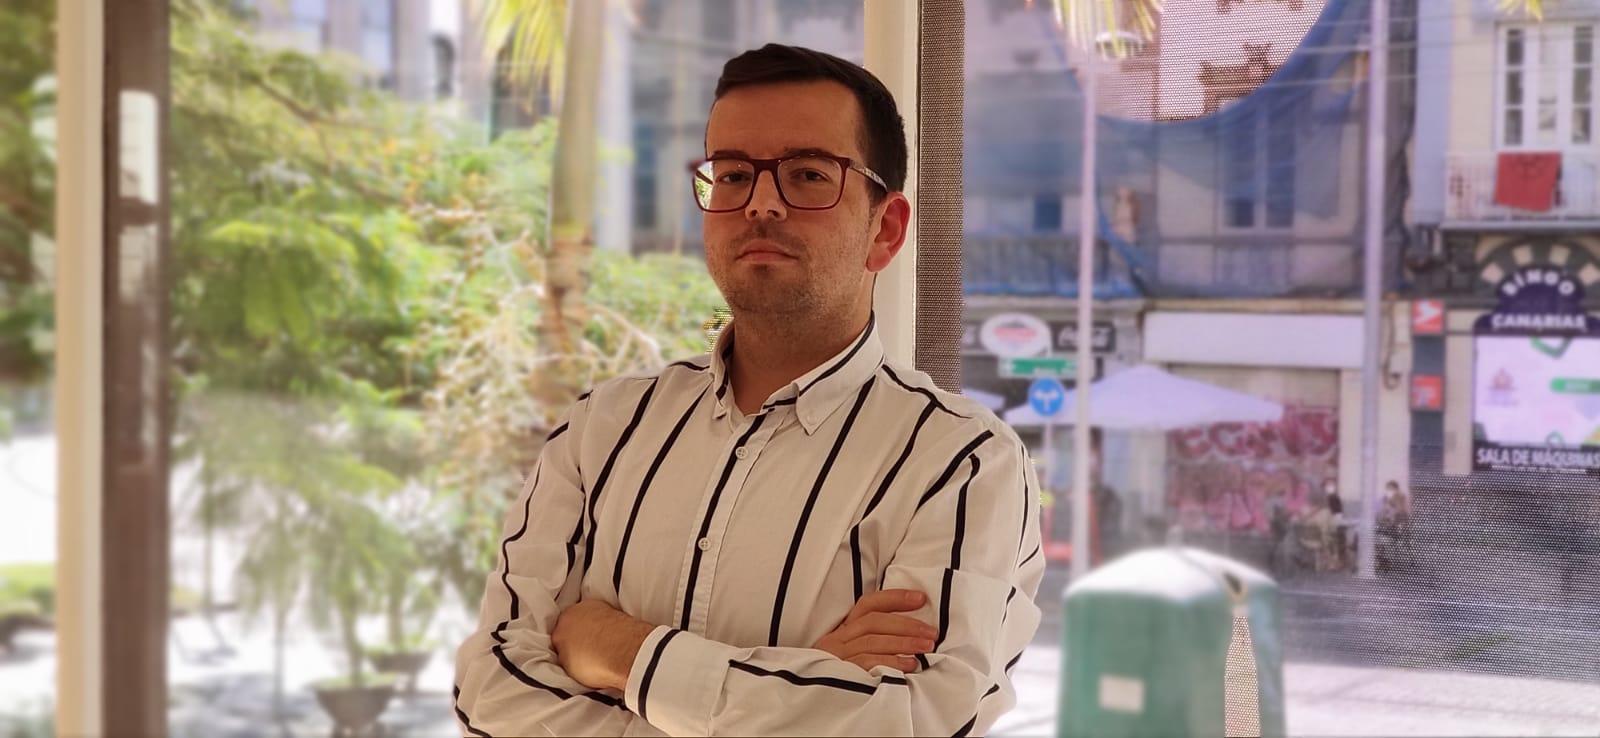 Adán García, portavoz de Cs en el Ayuntamiento de Granadilla de Abona / CanariasNoticias.es